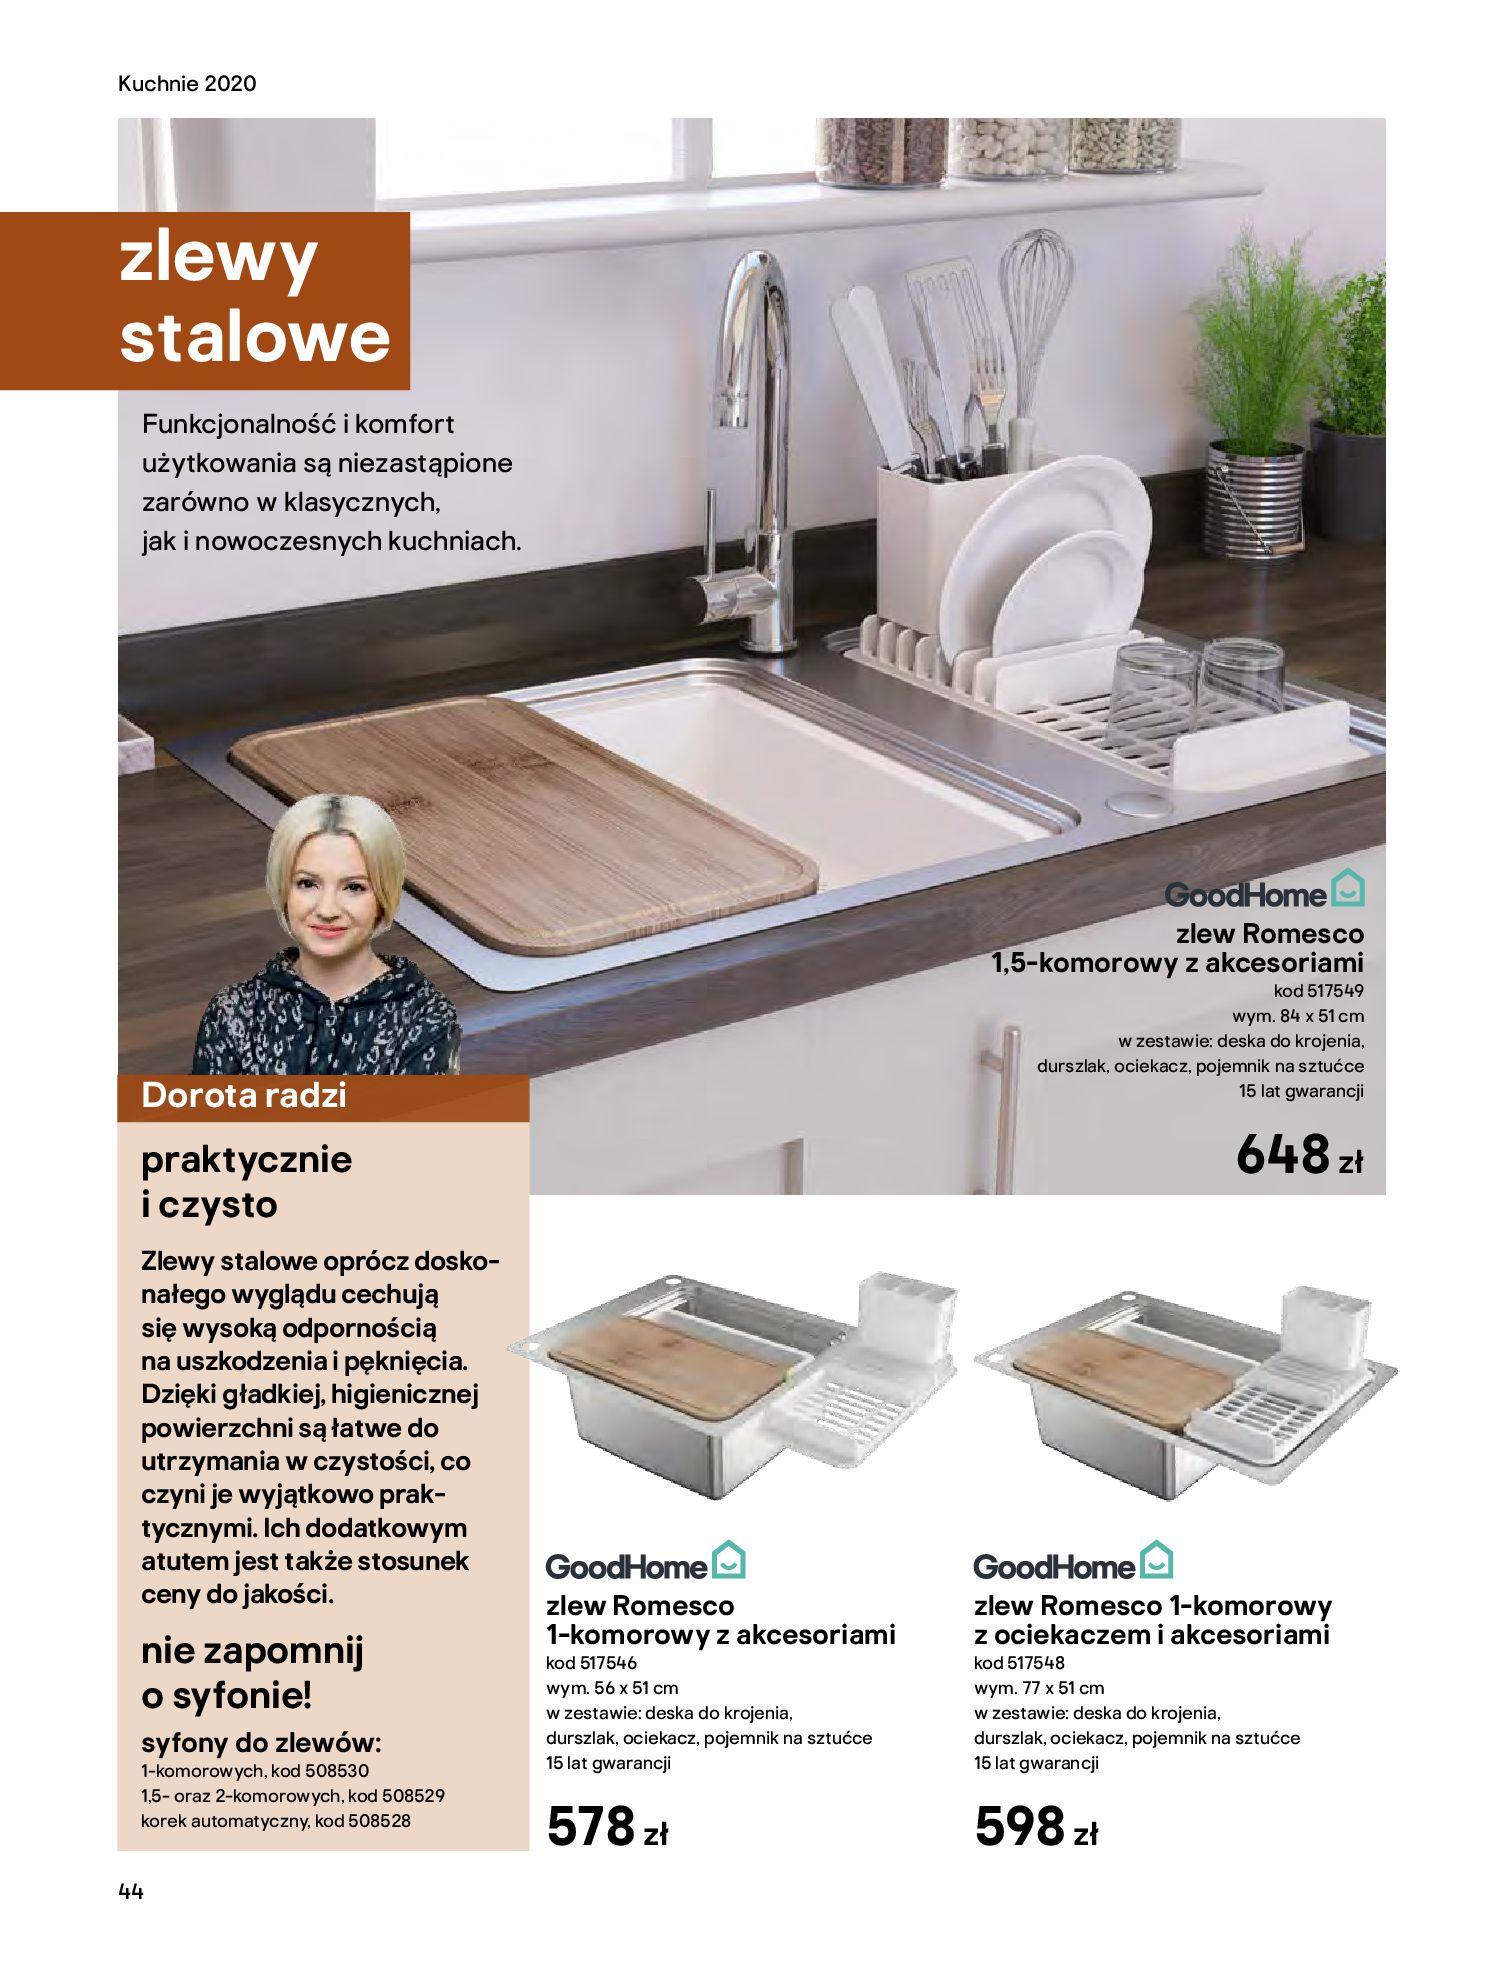 Gazetka Castorama - Katalog Kuchnie 2020-14.04.2020-31.12.2020-page-44